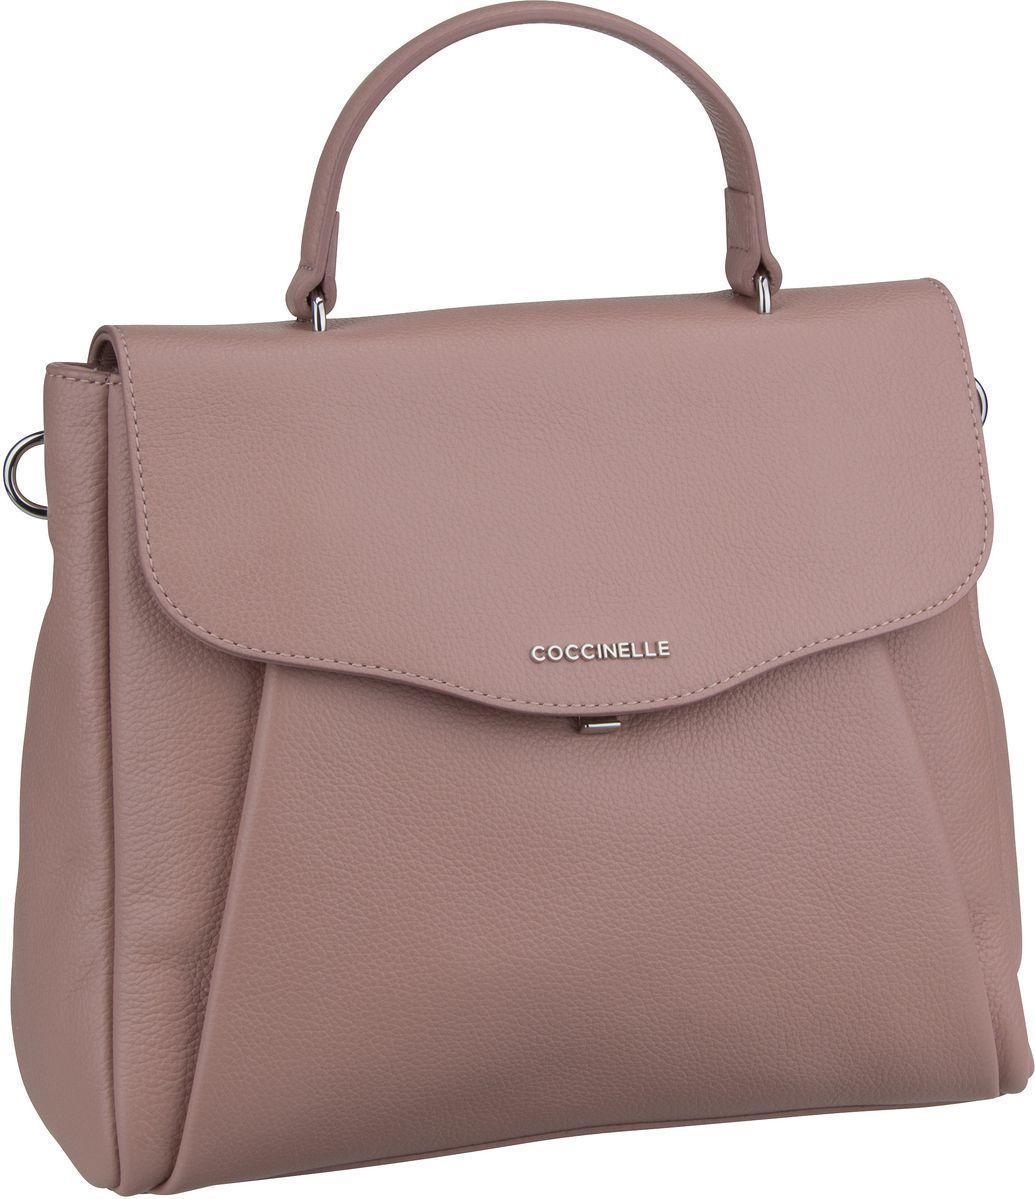 Handtasche Andromeda 5501 Pivione